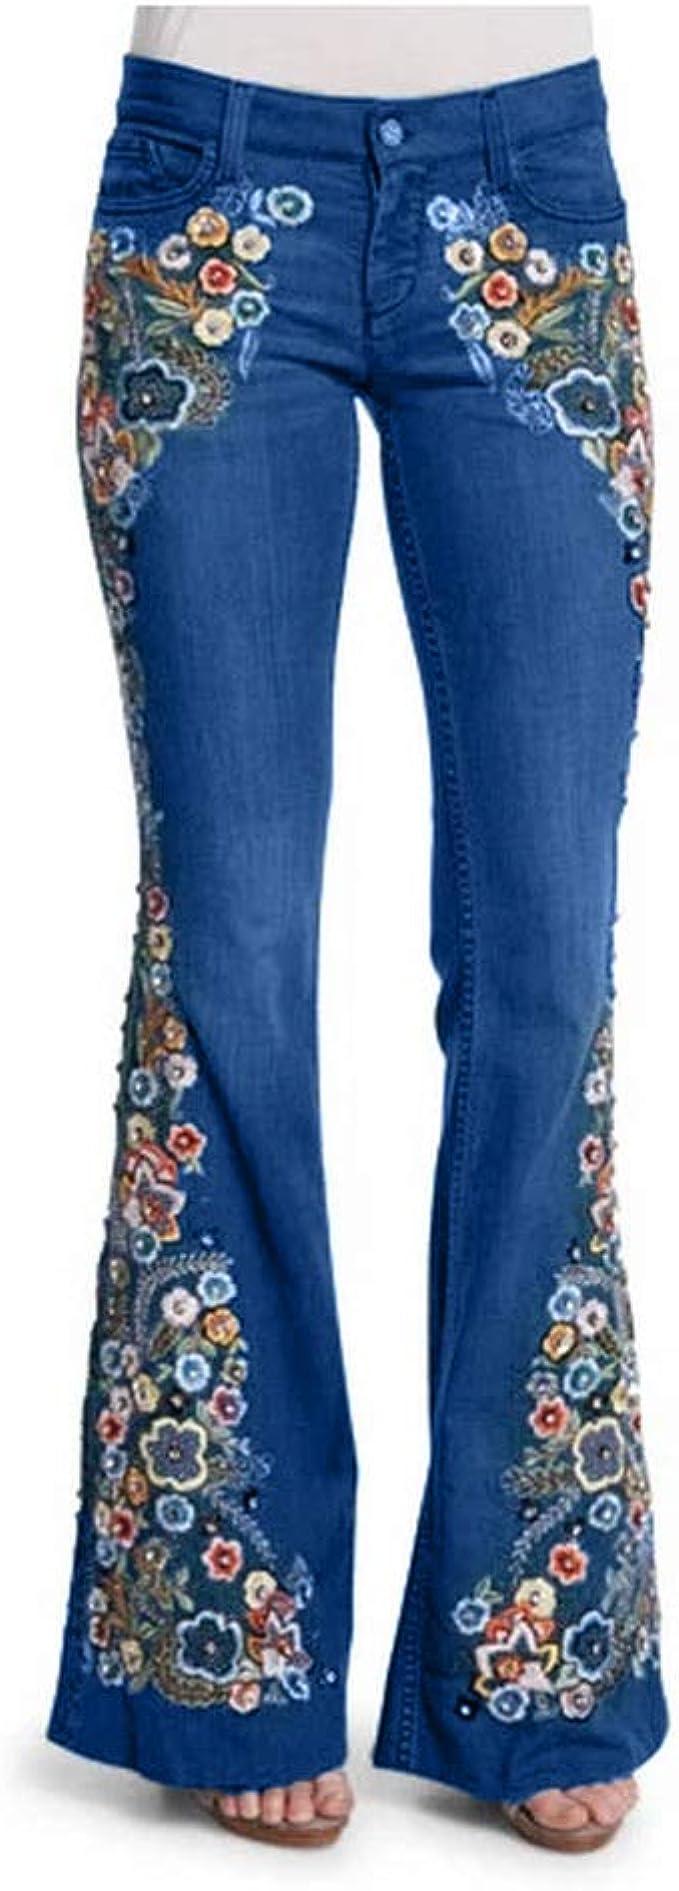 Jeans hosenbund weiten